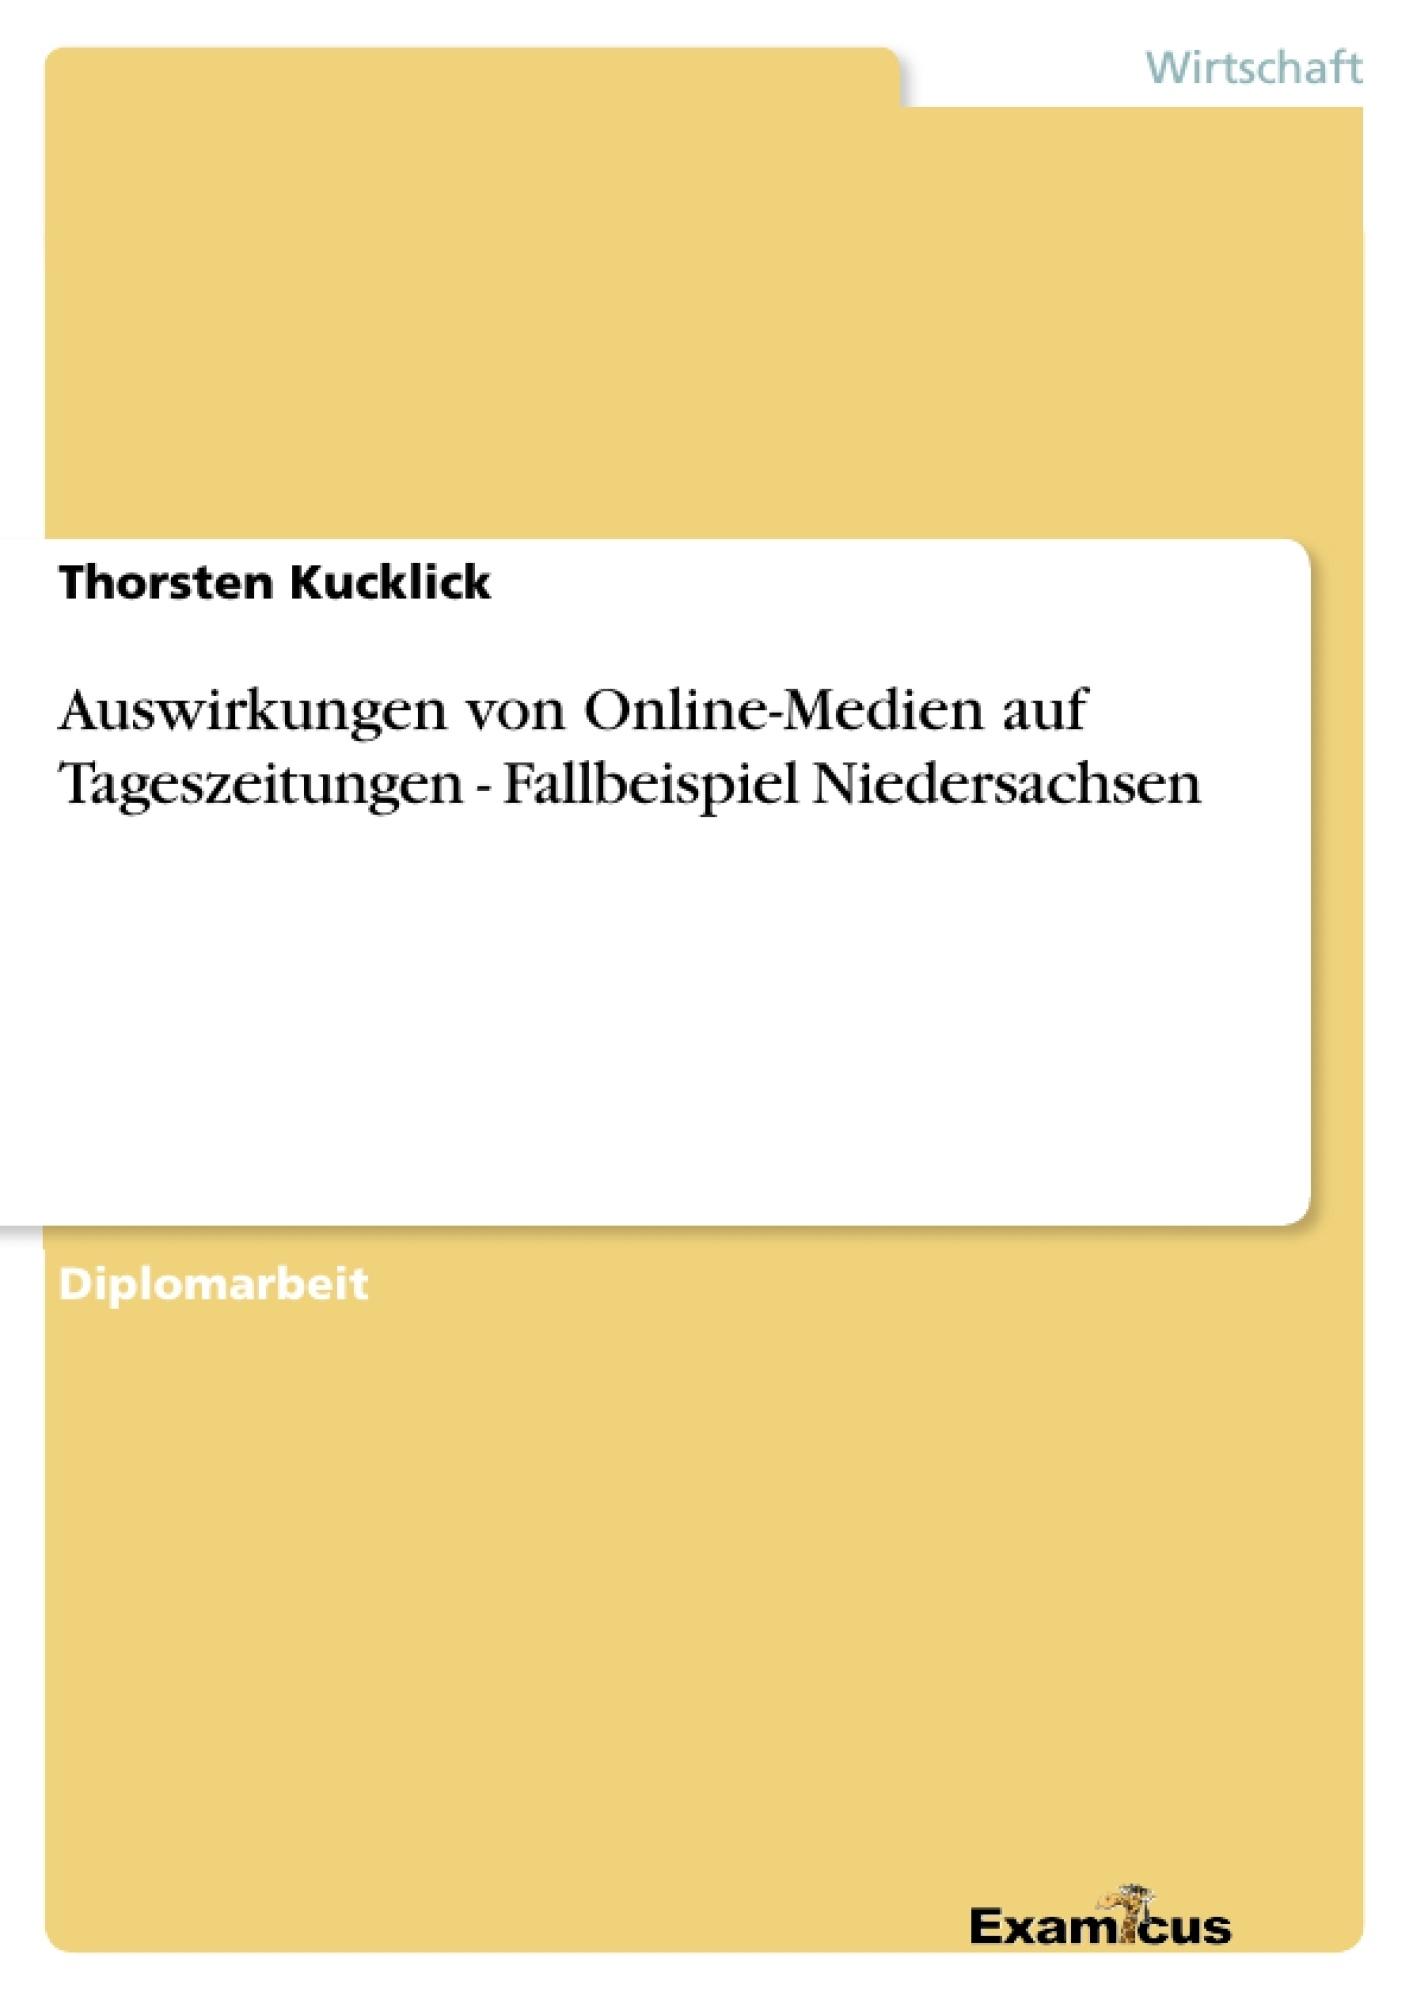 Titel: Auswirkungen von Online-Medien auf Tageszeitungen - Fallbeispiel Niedersachsen